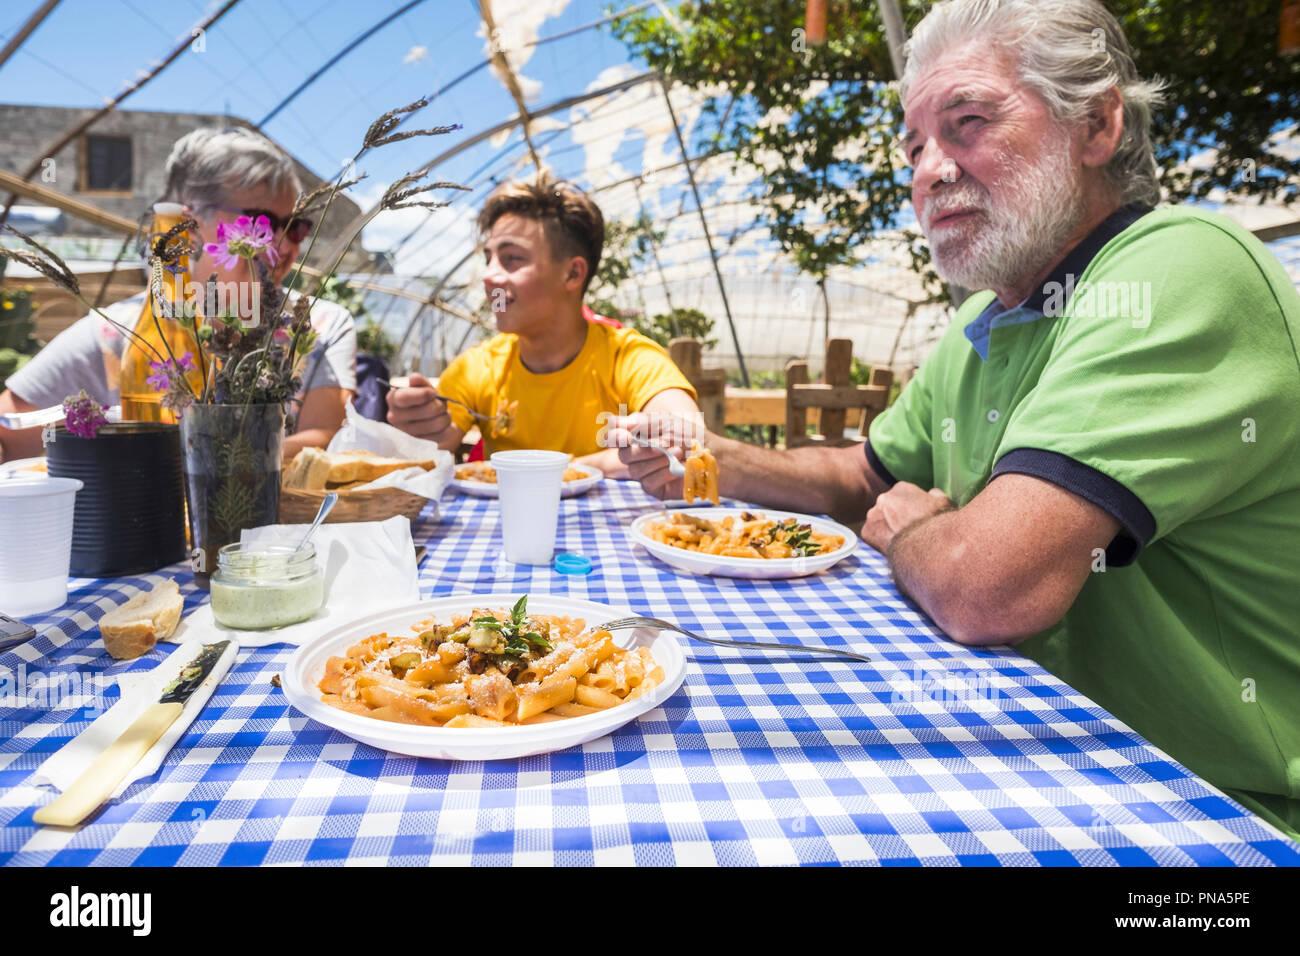 El abuelo y nieto juntos en un concepto de naturaleza biológica alternativa restaurante con comida italiana pasta sobre la mesa divirtiéndose en friendshi Imagen De Stock